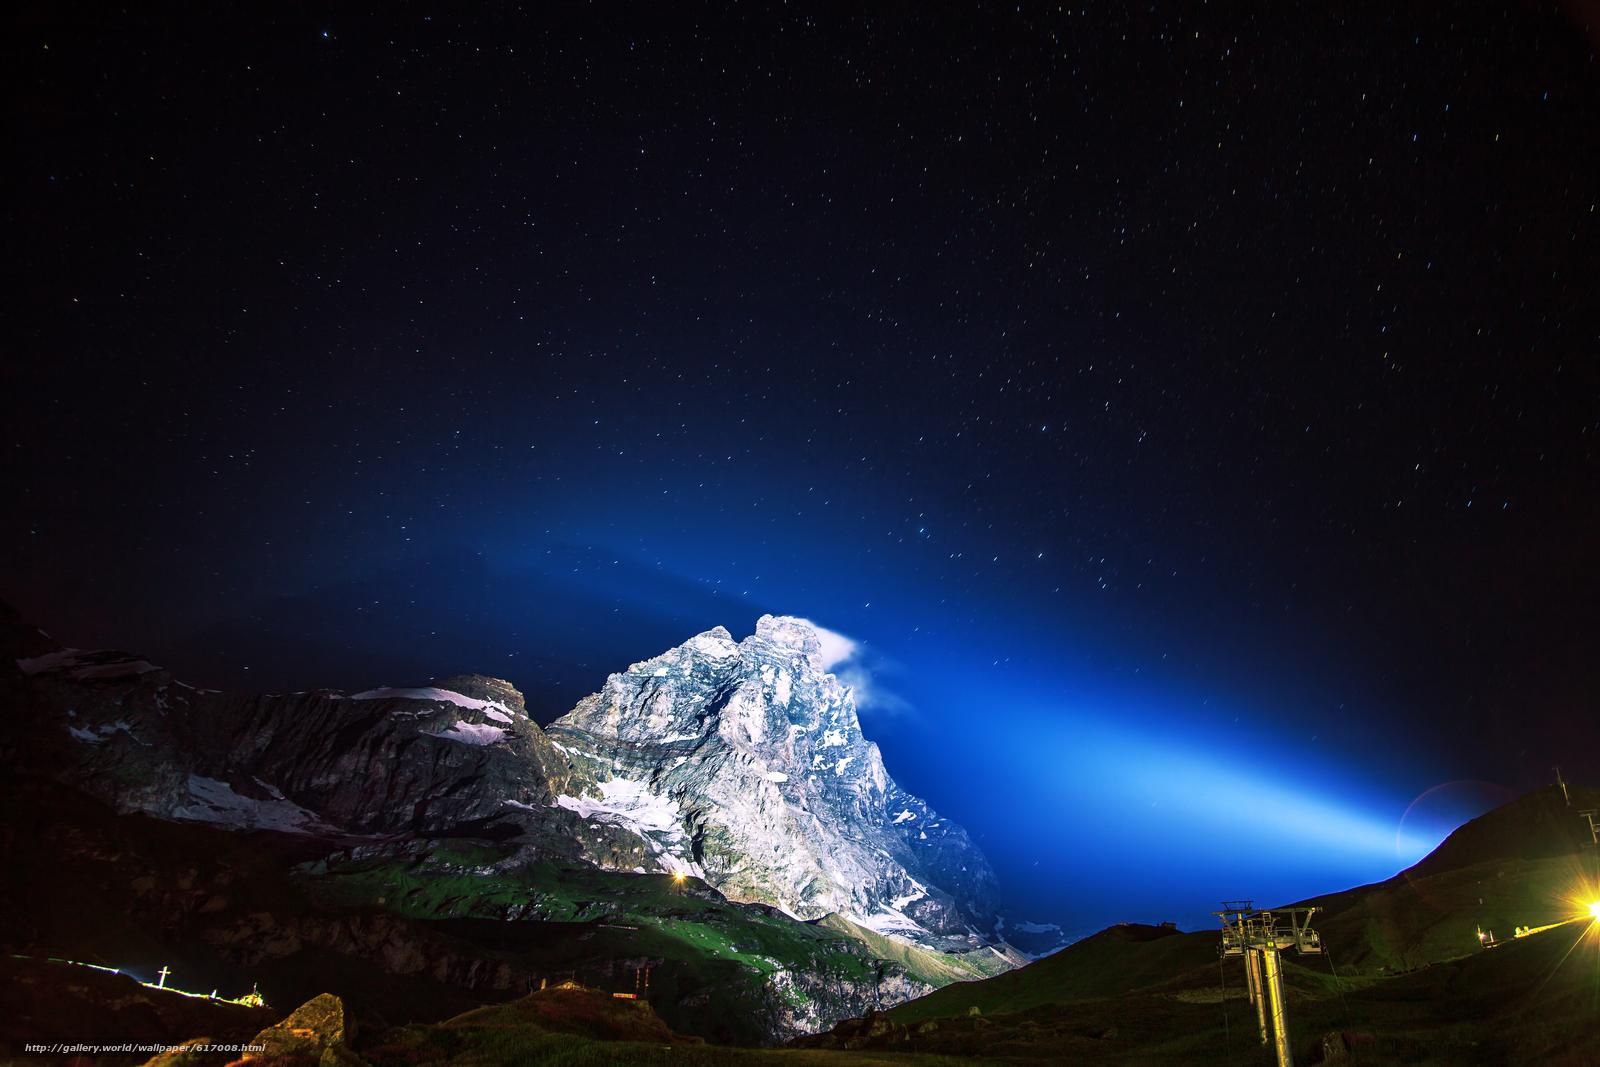 Скачать на телефон обои фото картинку на тему Matterhorn, Cervino, 150 Anniversary, разширение 5616x3744